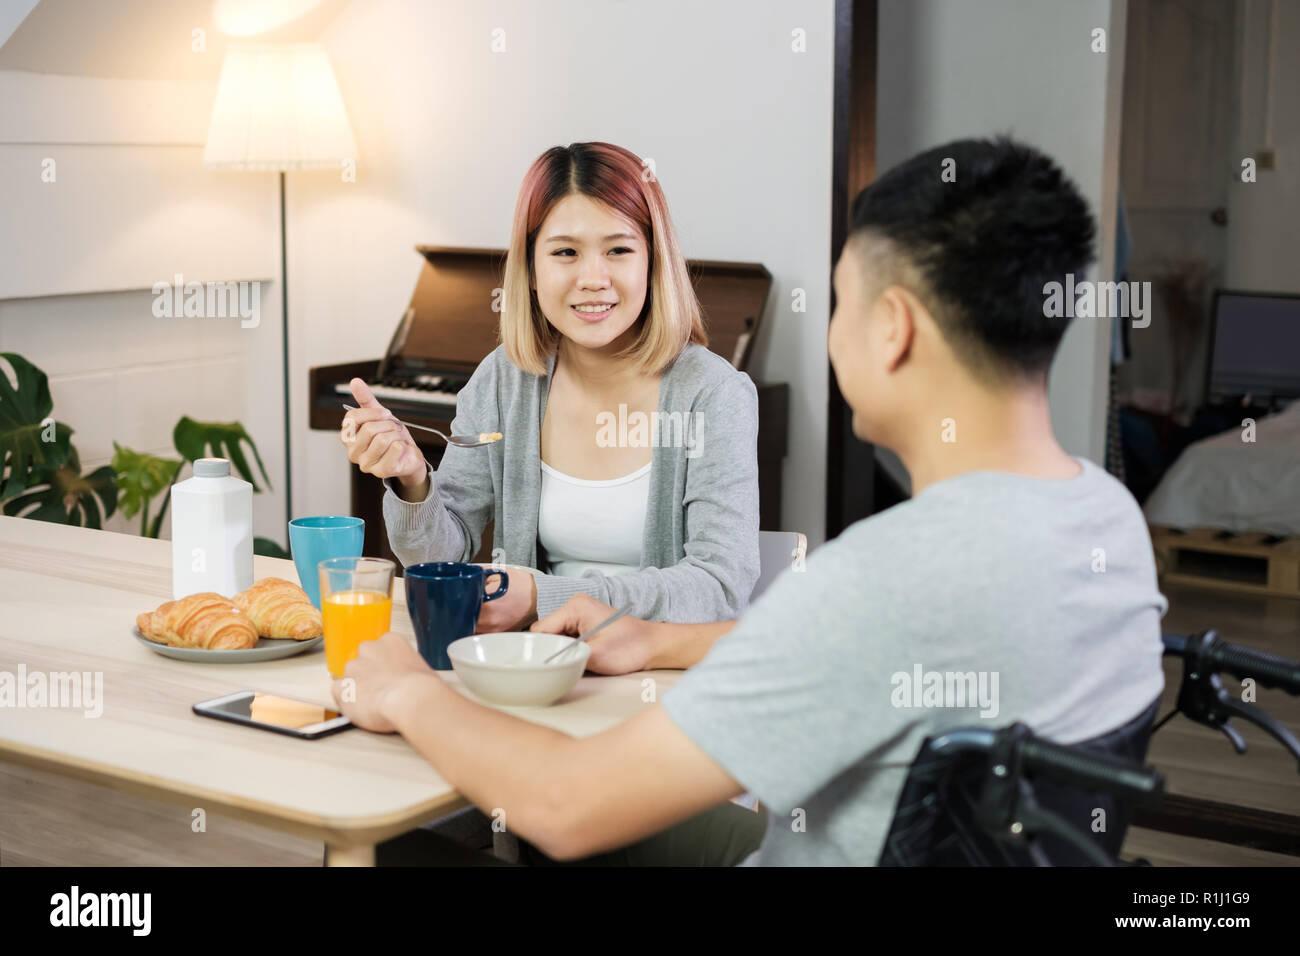 Par de Asia desayuno en casa.esposa sosteniendo la mano y alentar el marido inválido sentado en la silla de ruedas en la mesa de la cocina.pareja en inicio concepto Foto de stock